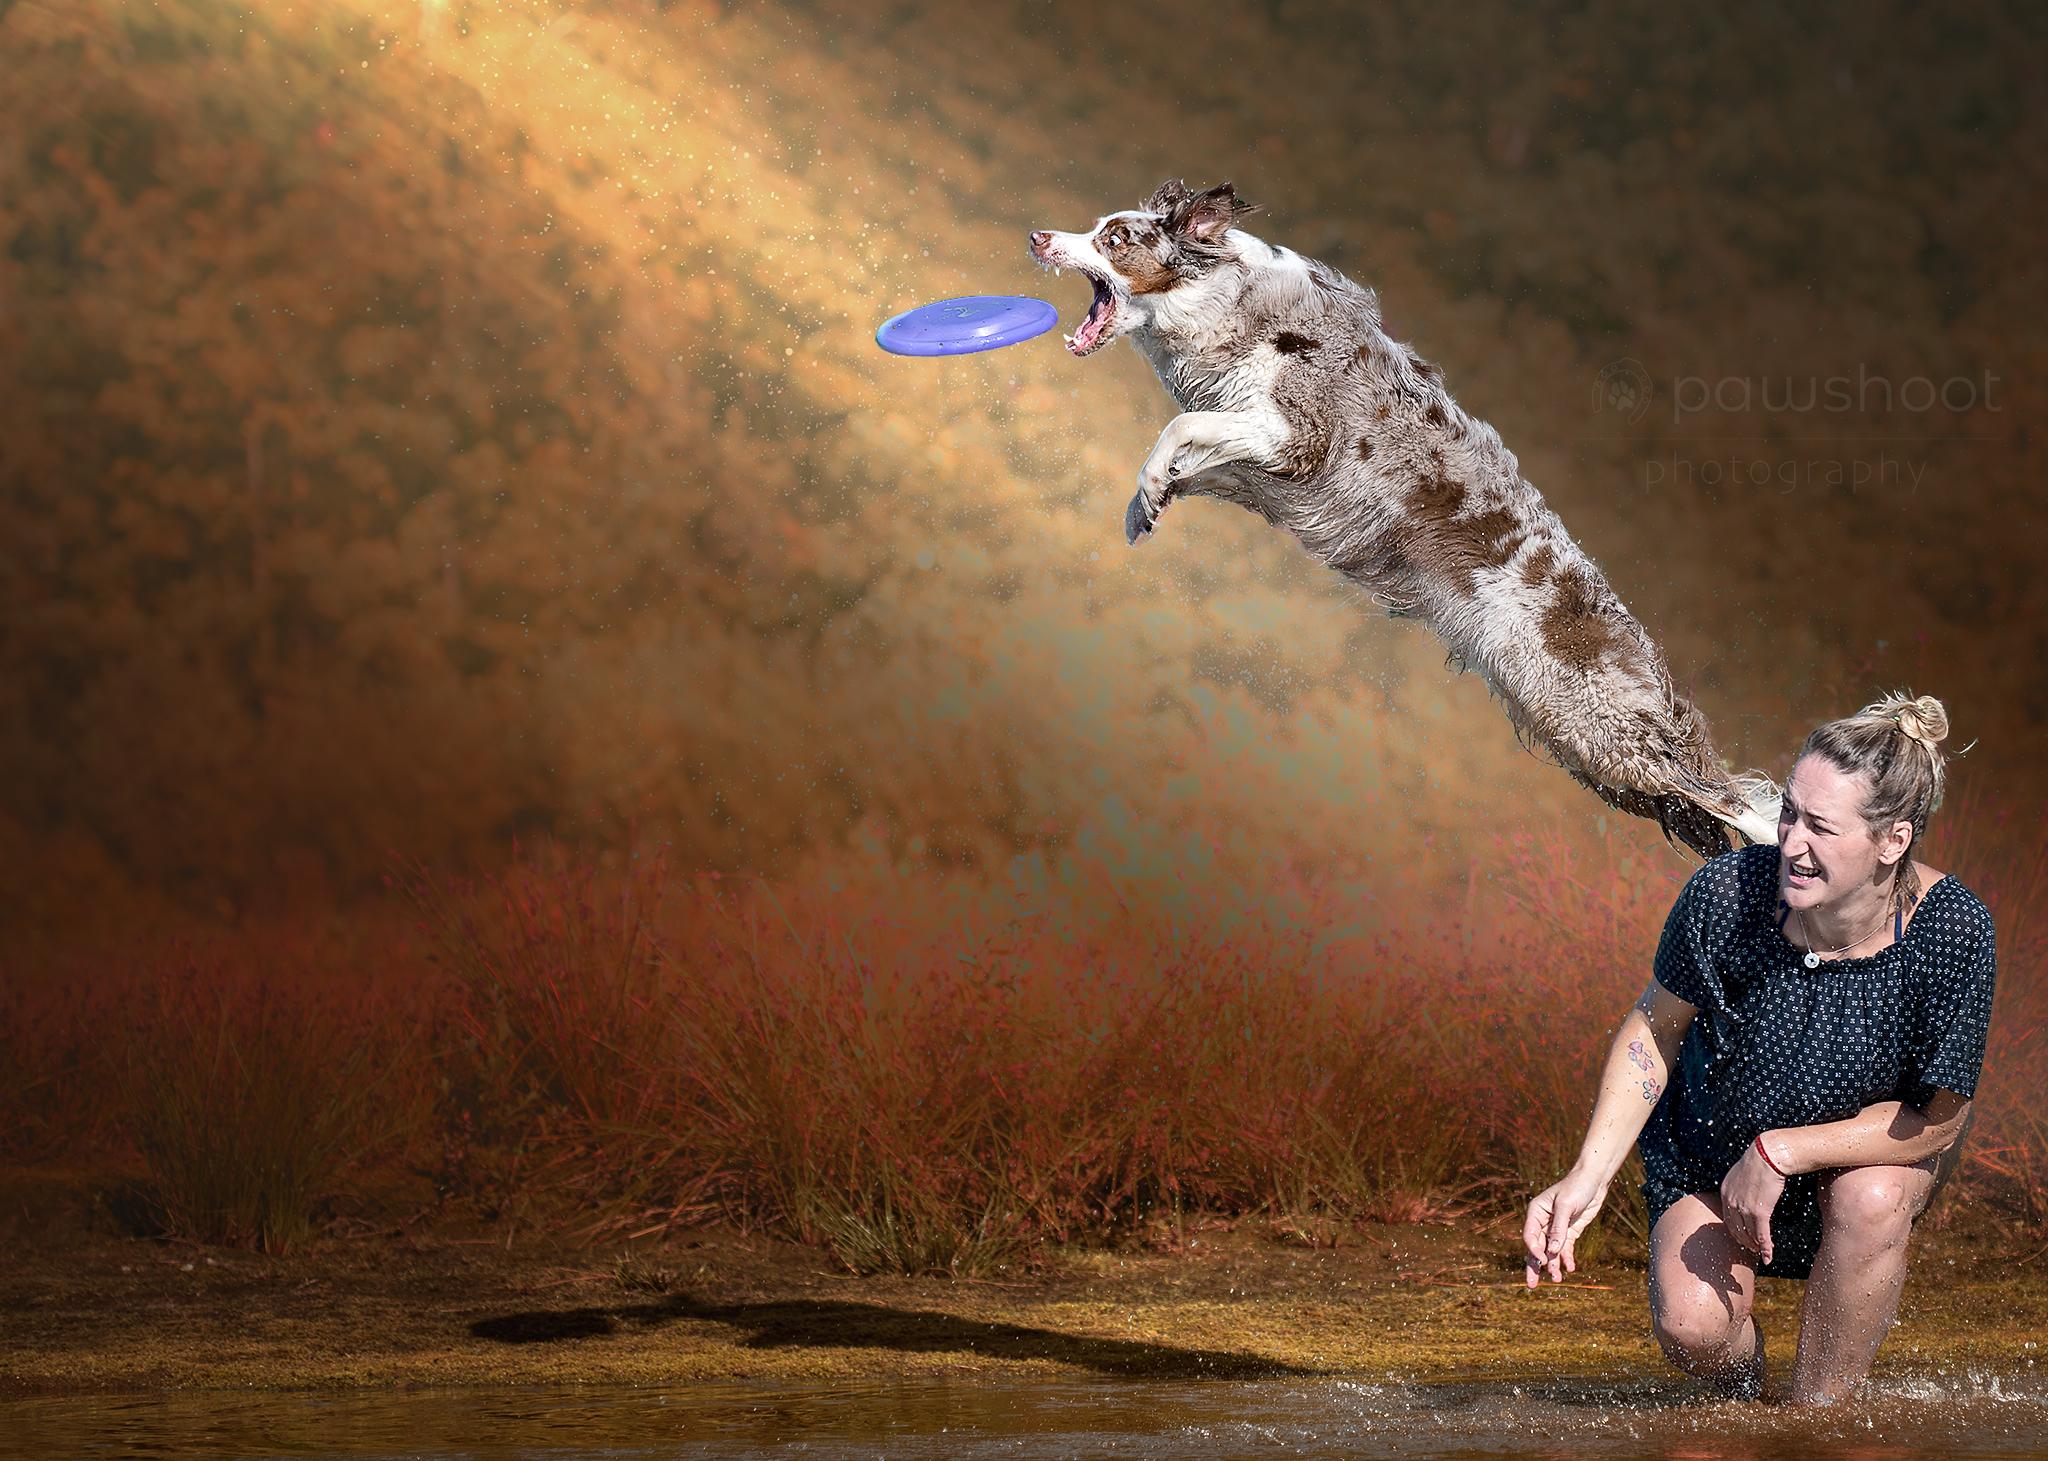 frisbee hond in actie Pawshoot hondenfotografie